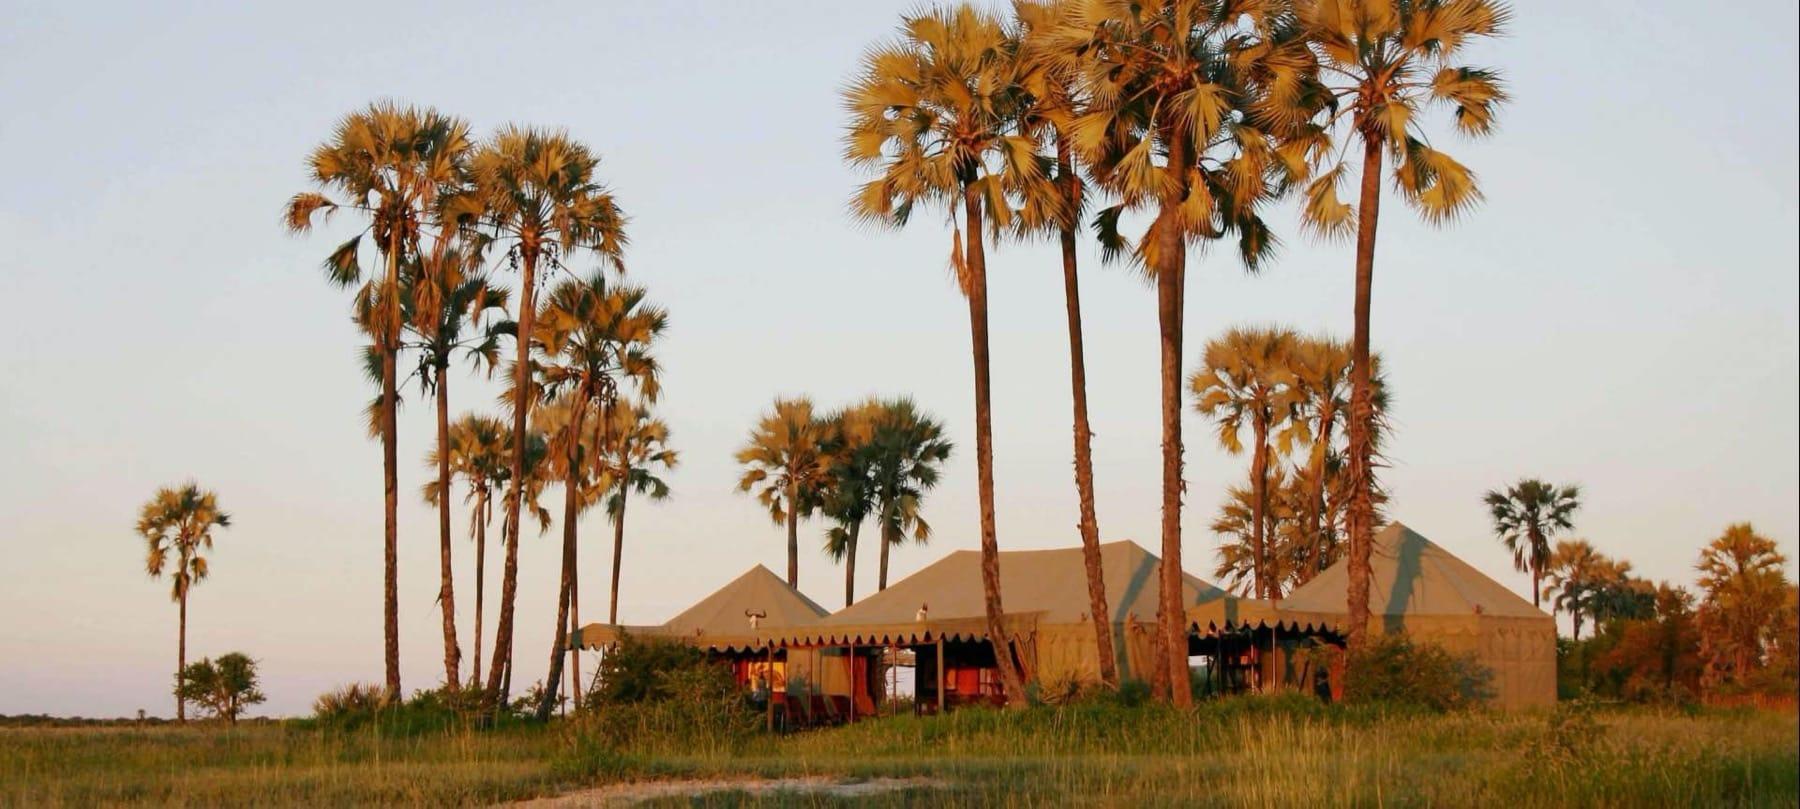 Jack's Camp in Botswana